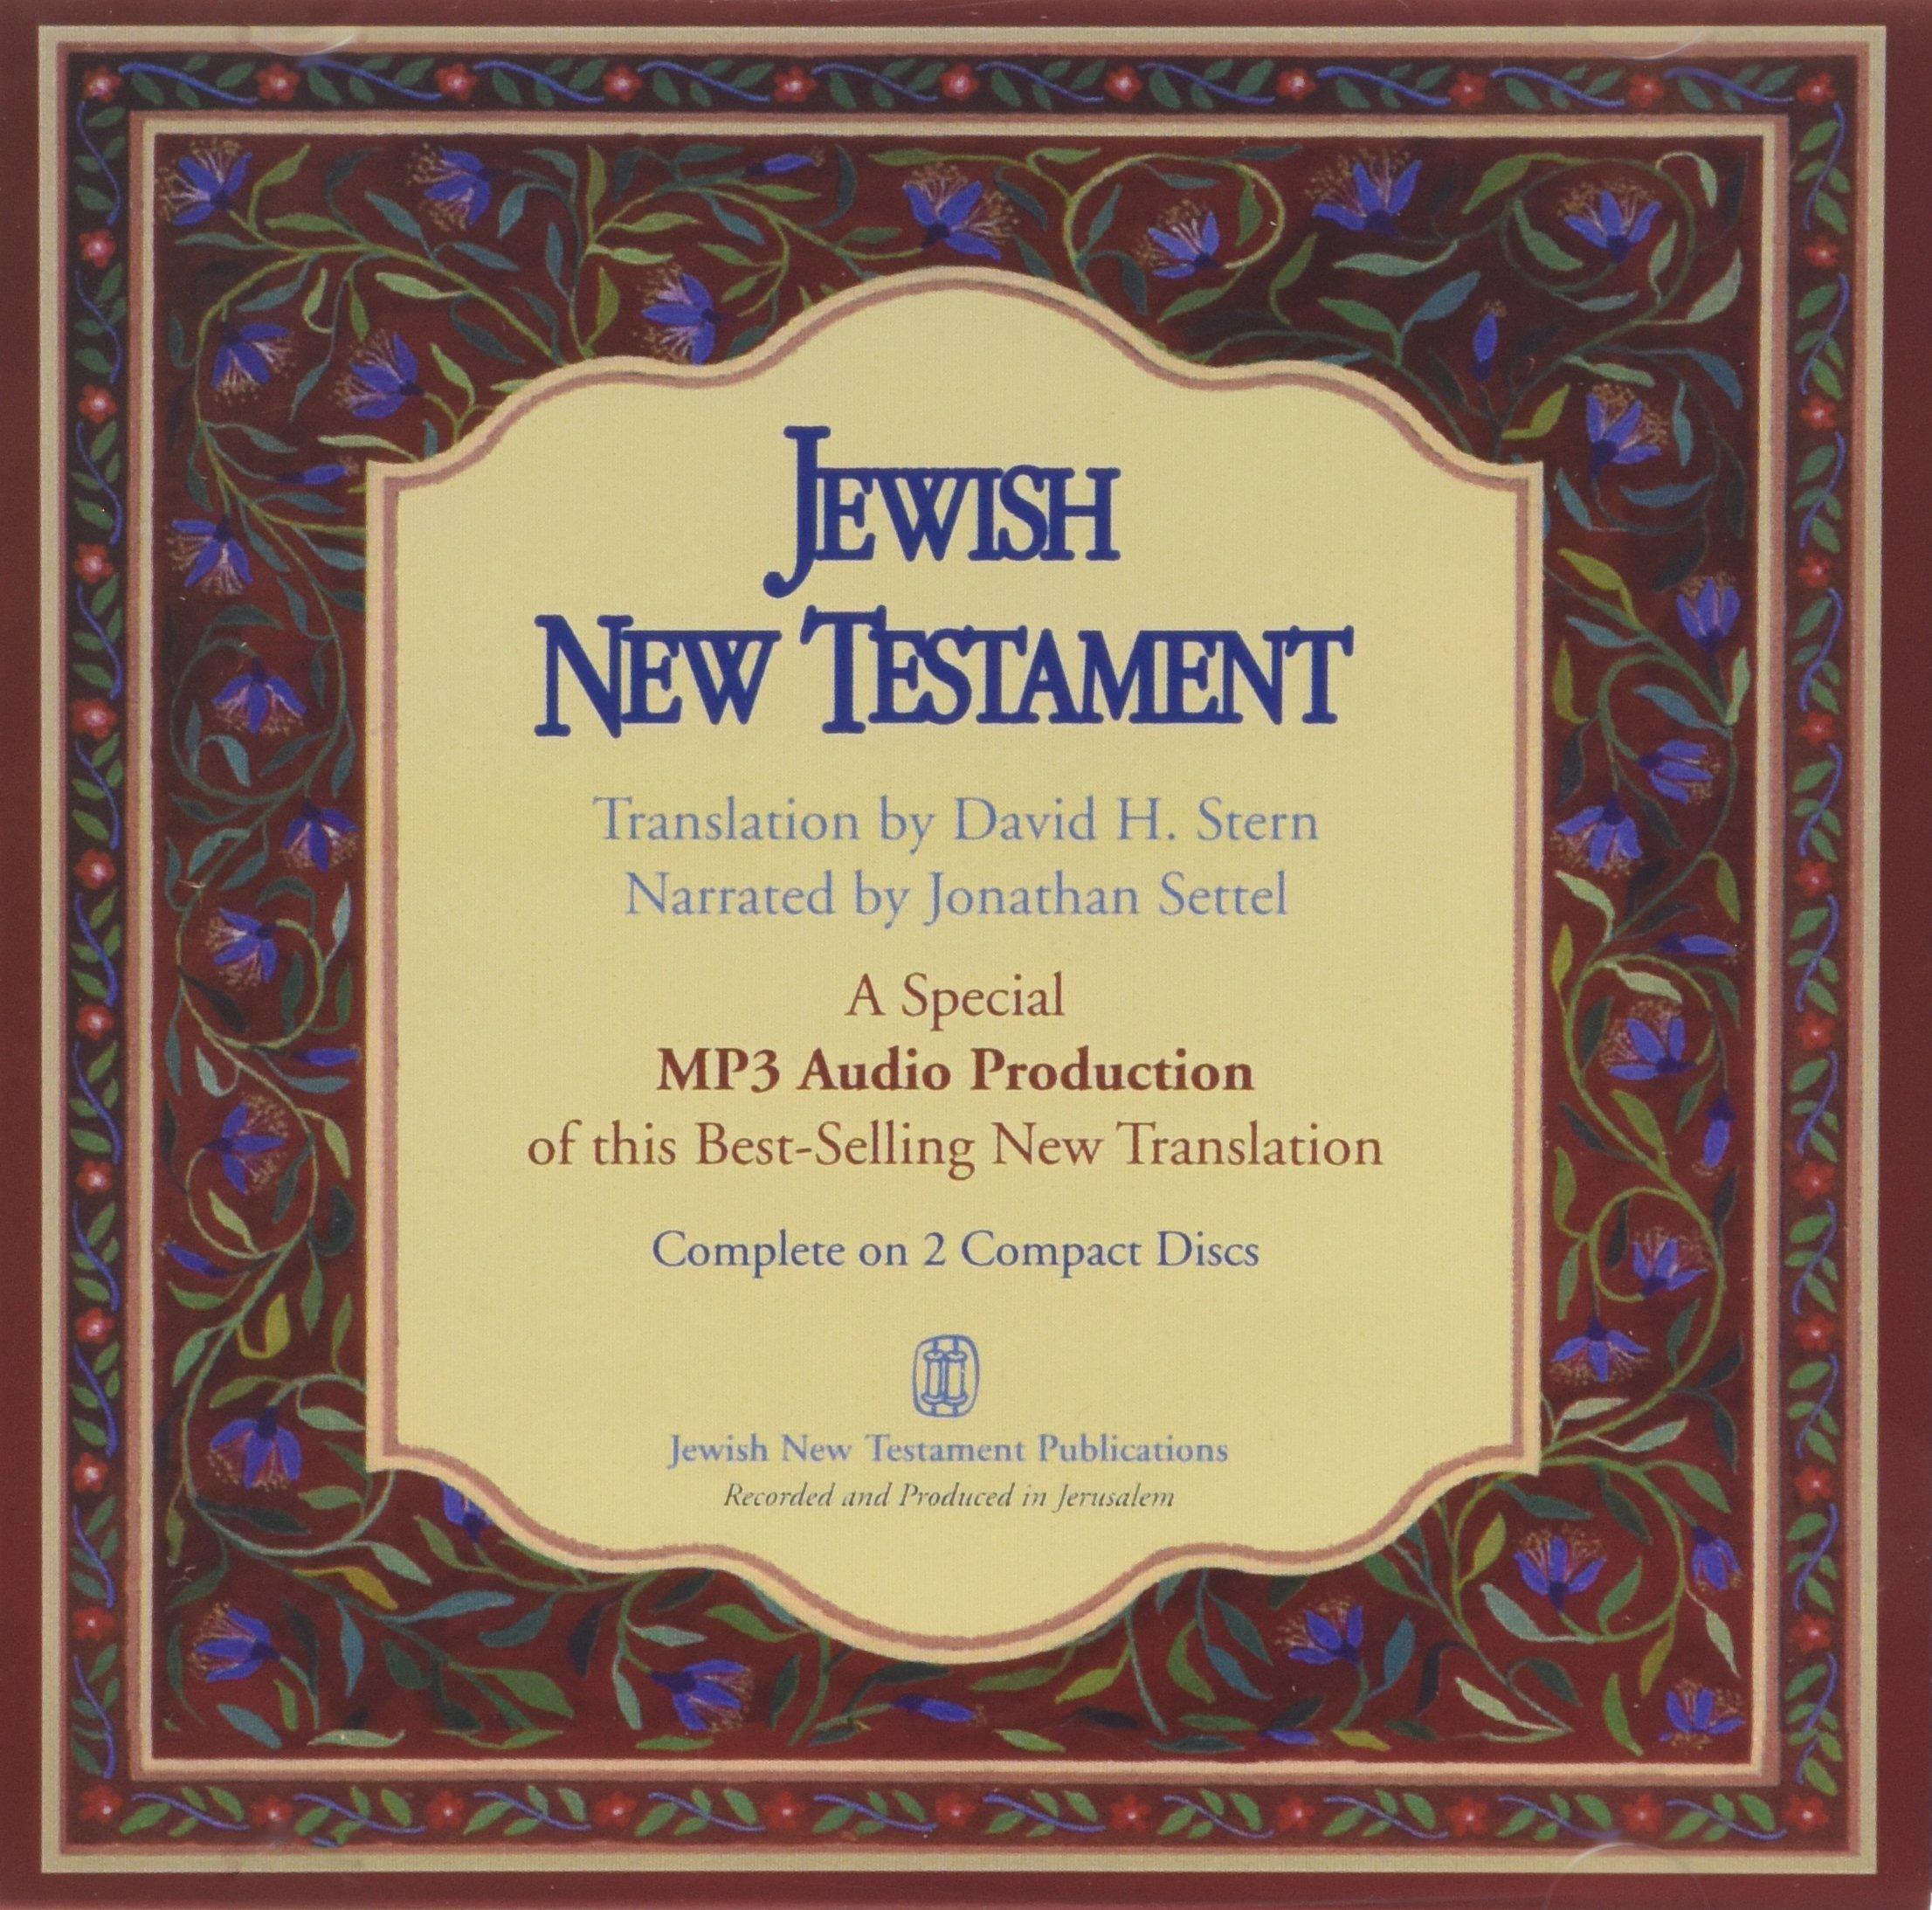 Jewish New Testament on Audio MP3: Starr Professorship in